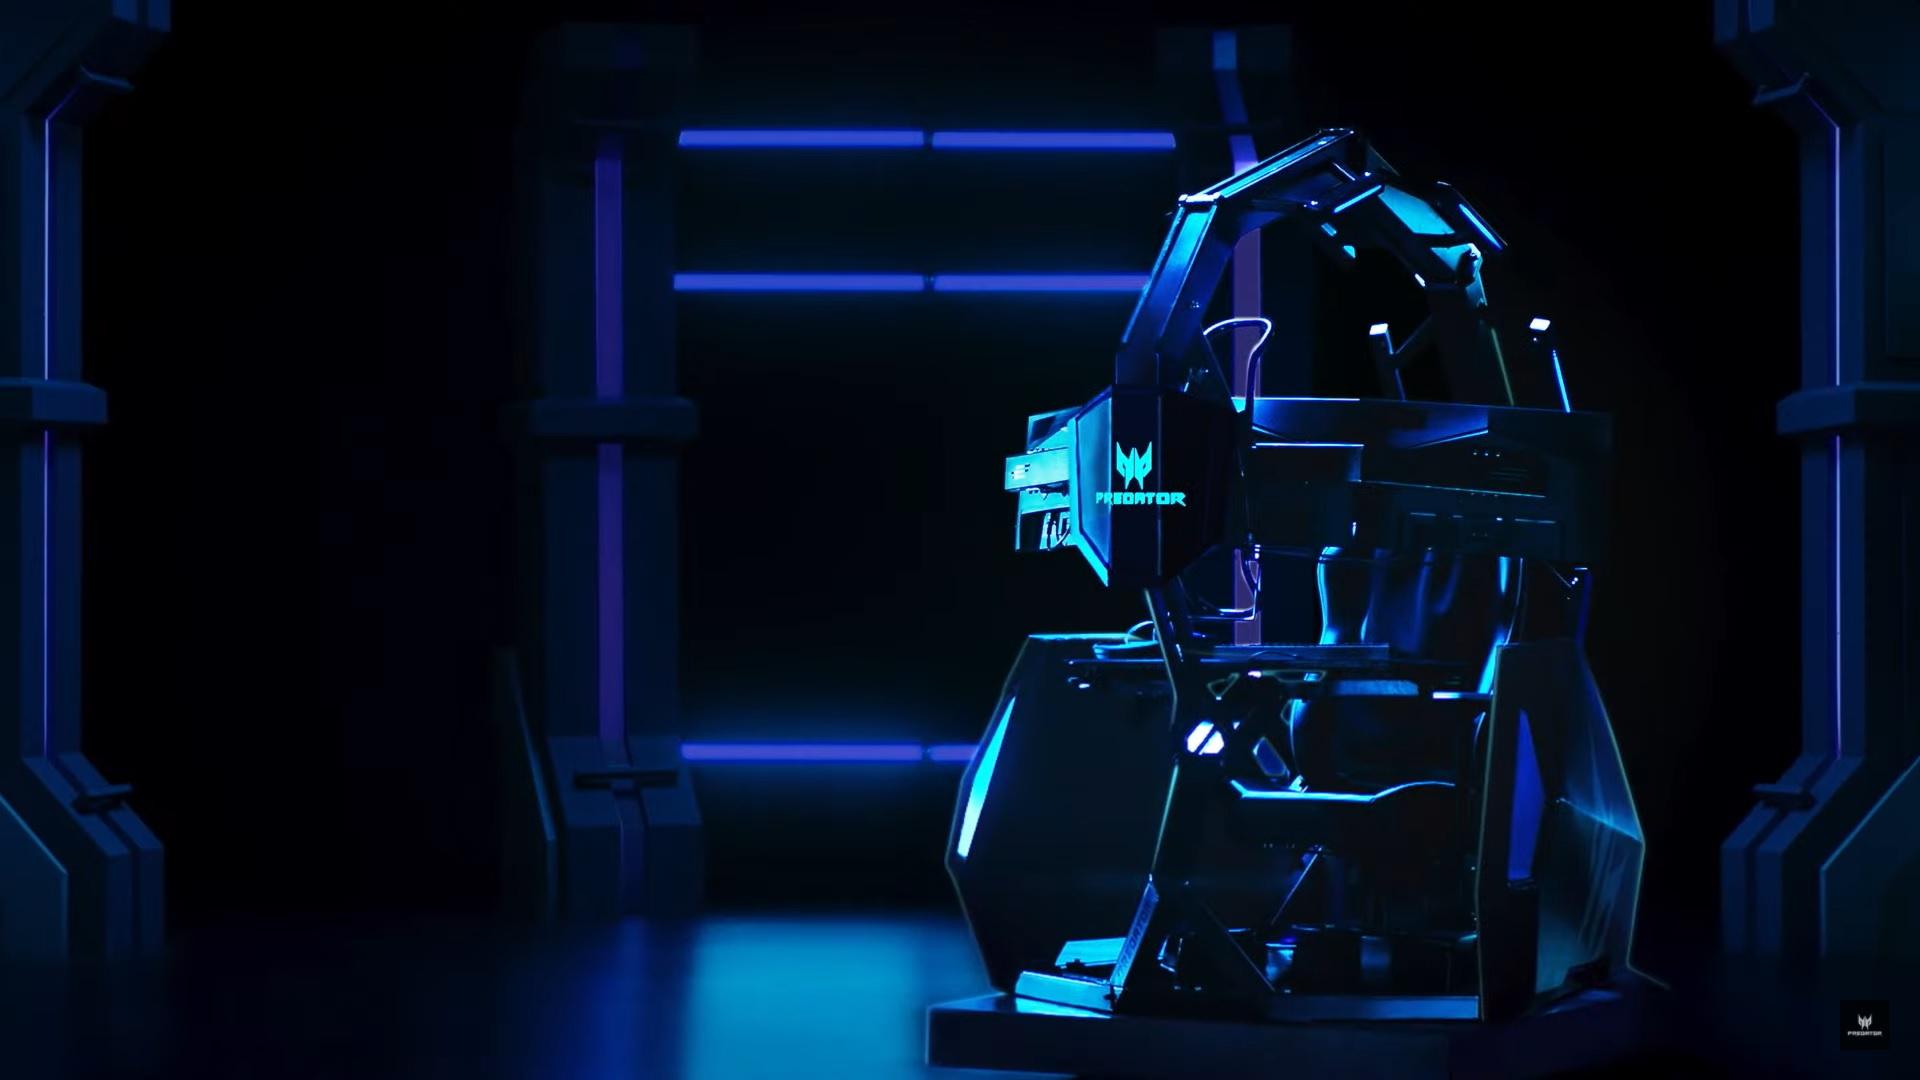 Predator Thronos Air: Ghế gaming siêu cao cấp giá hơn 300 triệu, nặng 324kg và hỗ trợ đến 3 màn hình